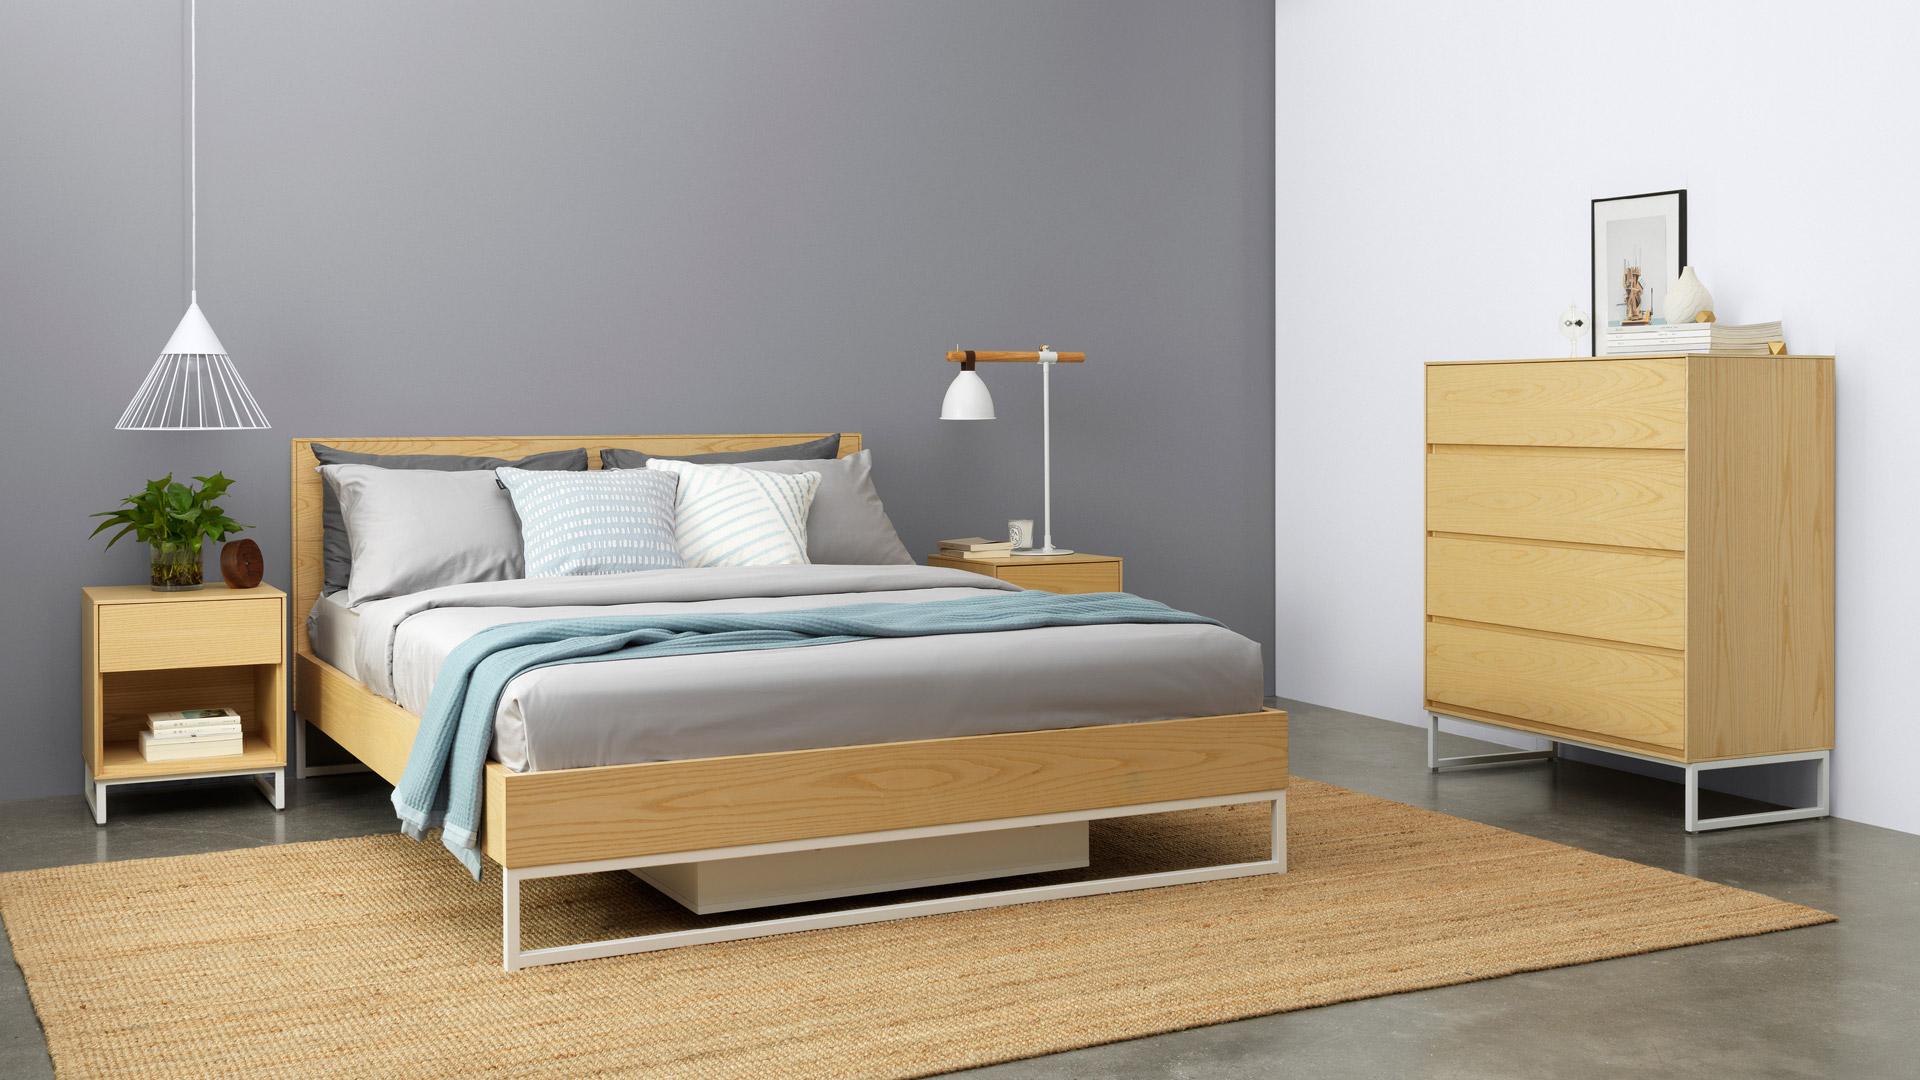 天然木色肌理沉稳大气,作为卧室边柜使用提升空间温感。15mm背板厚度,是市面普通产品的3倍,敦实不笨重的质感, 给私密空间更多安全感。